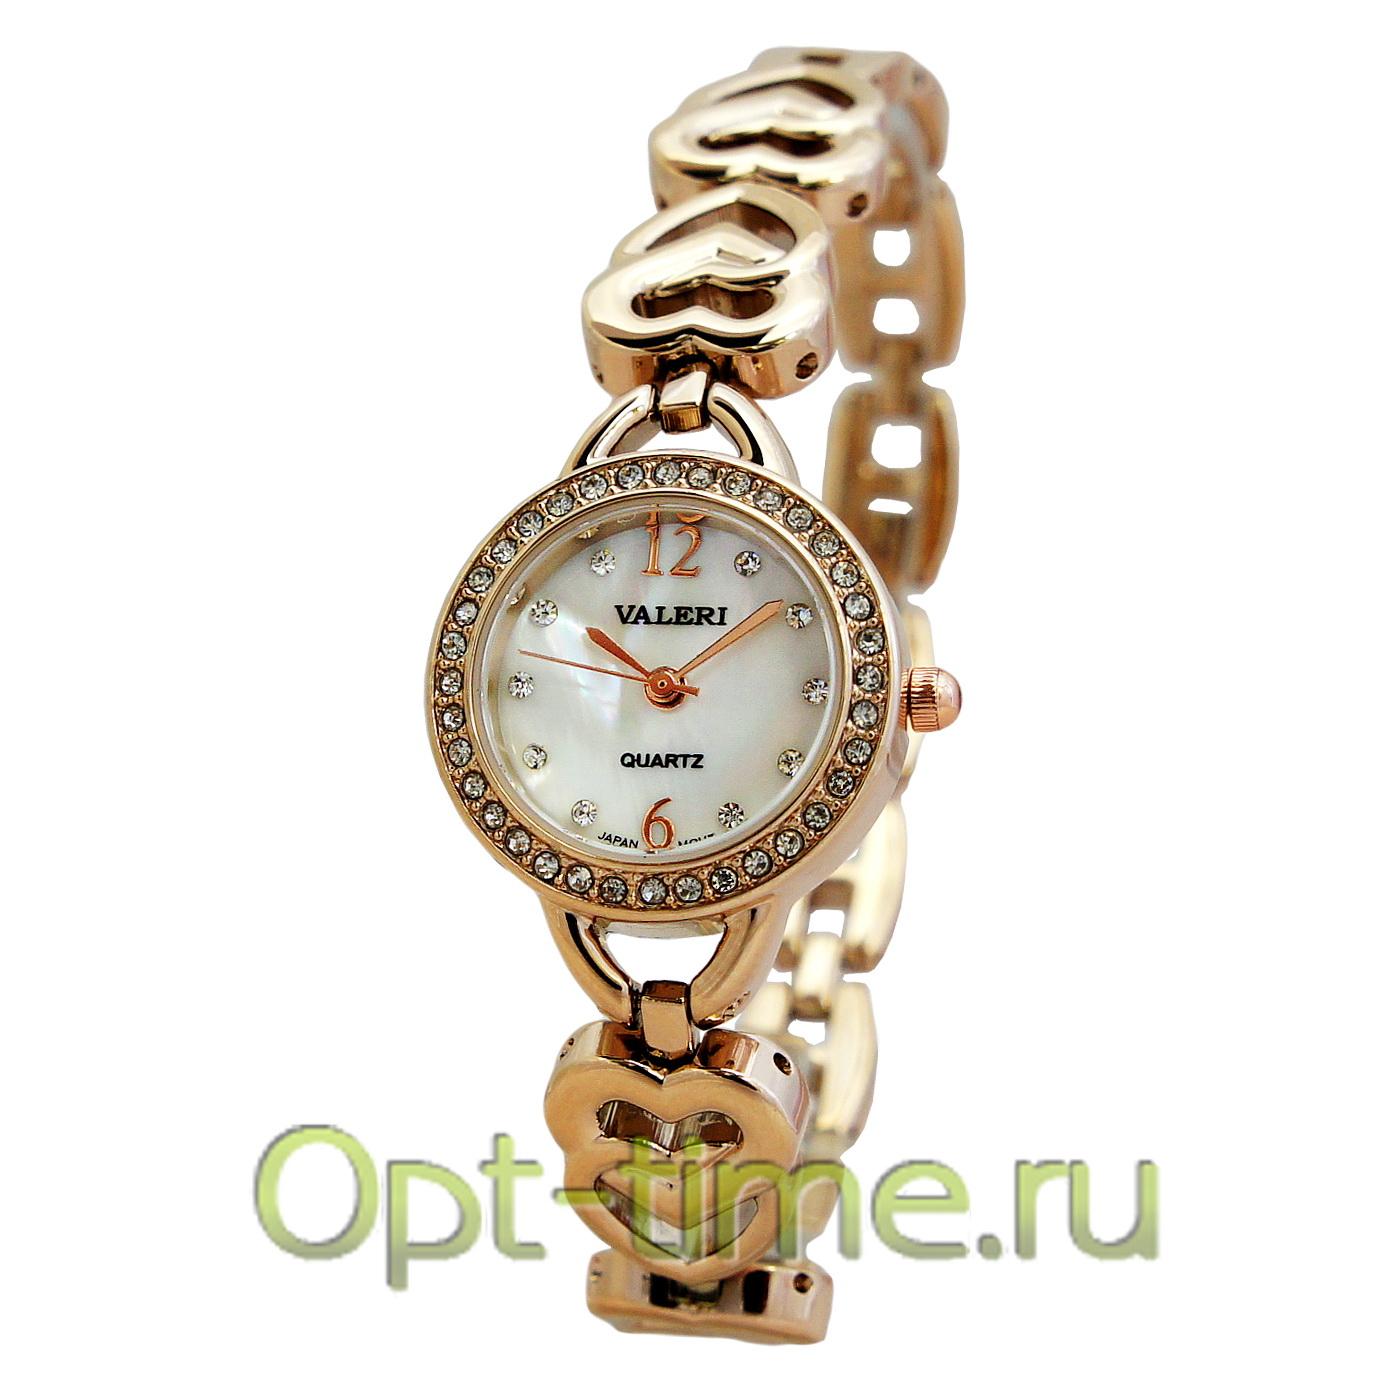 Часы Valeri оптом, очень низкие цены.